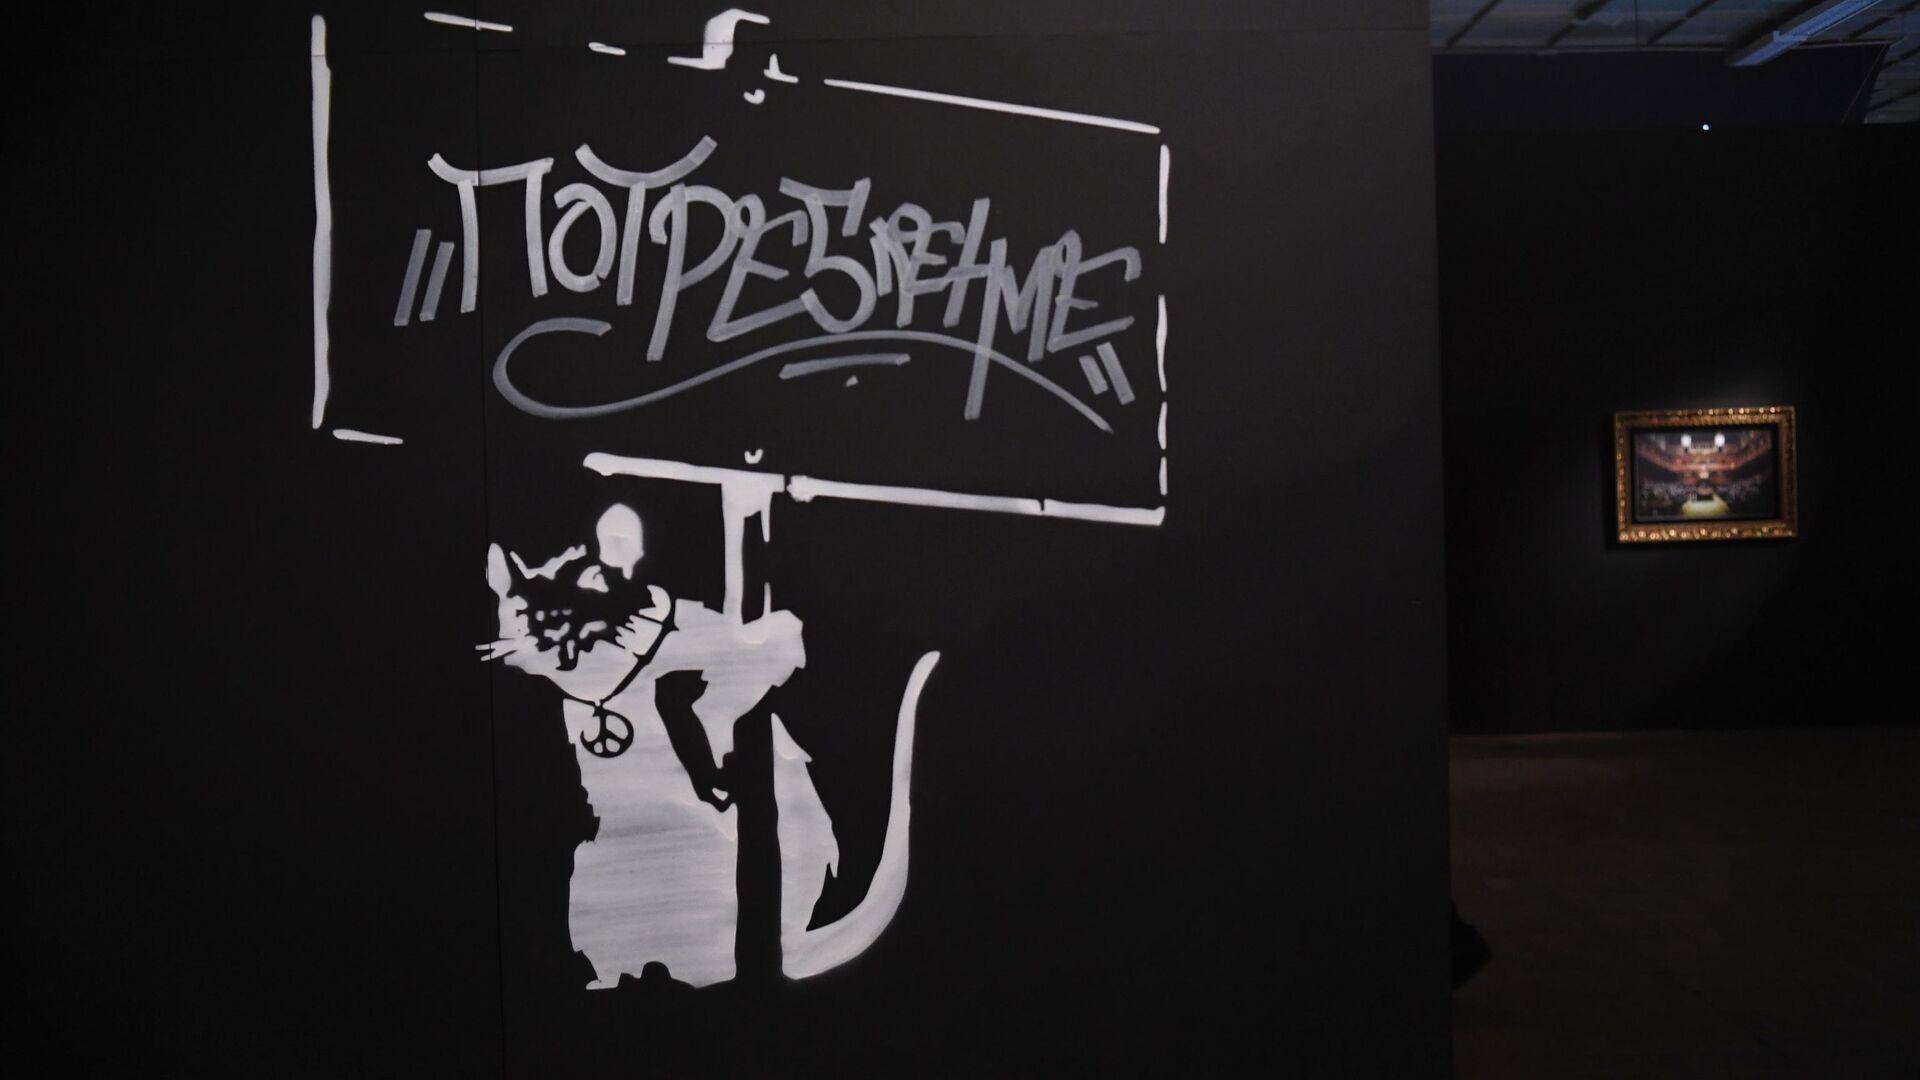 Предпоказ выставки Бэнкси в Москве - РИА Новости, 1920, 16.04.2020